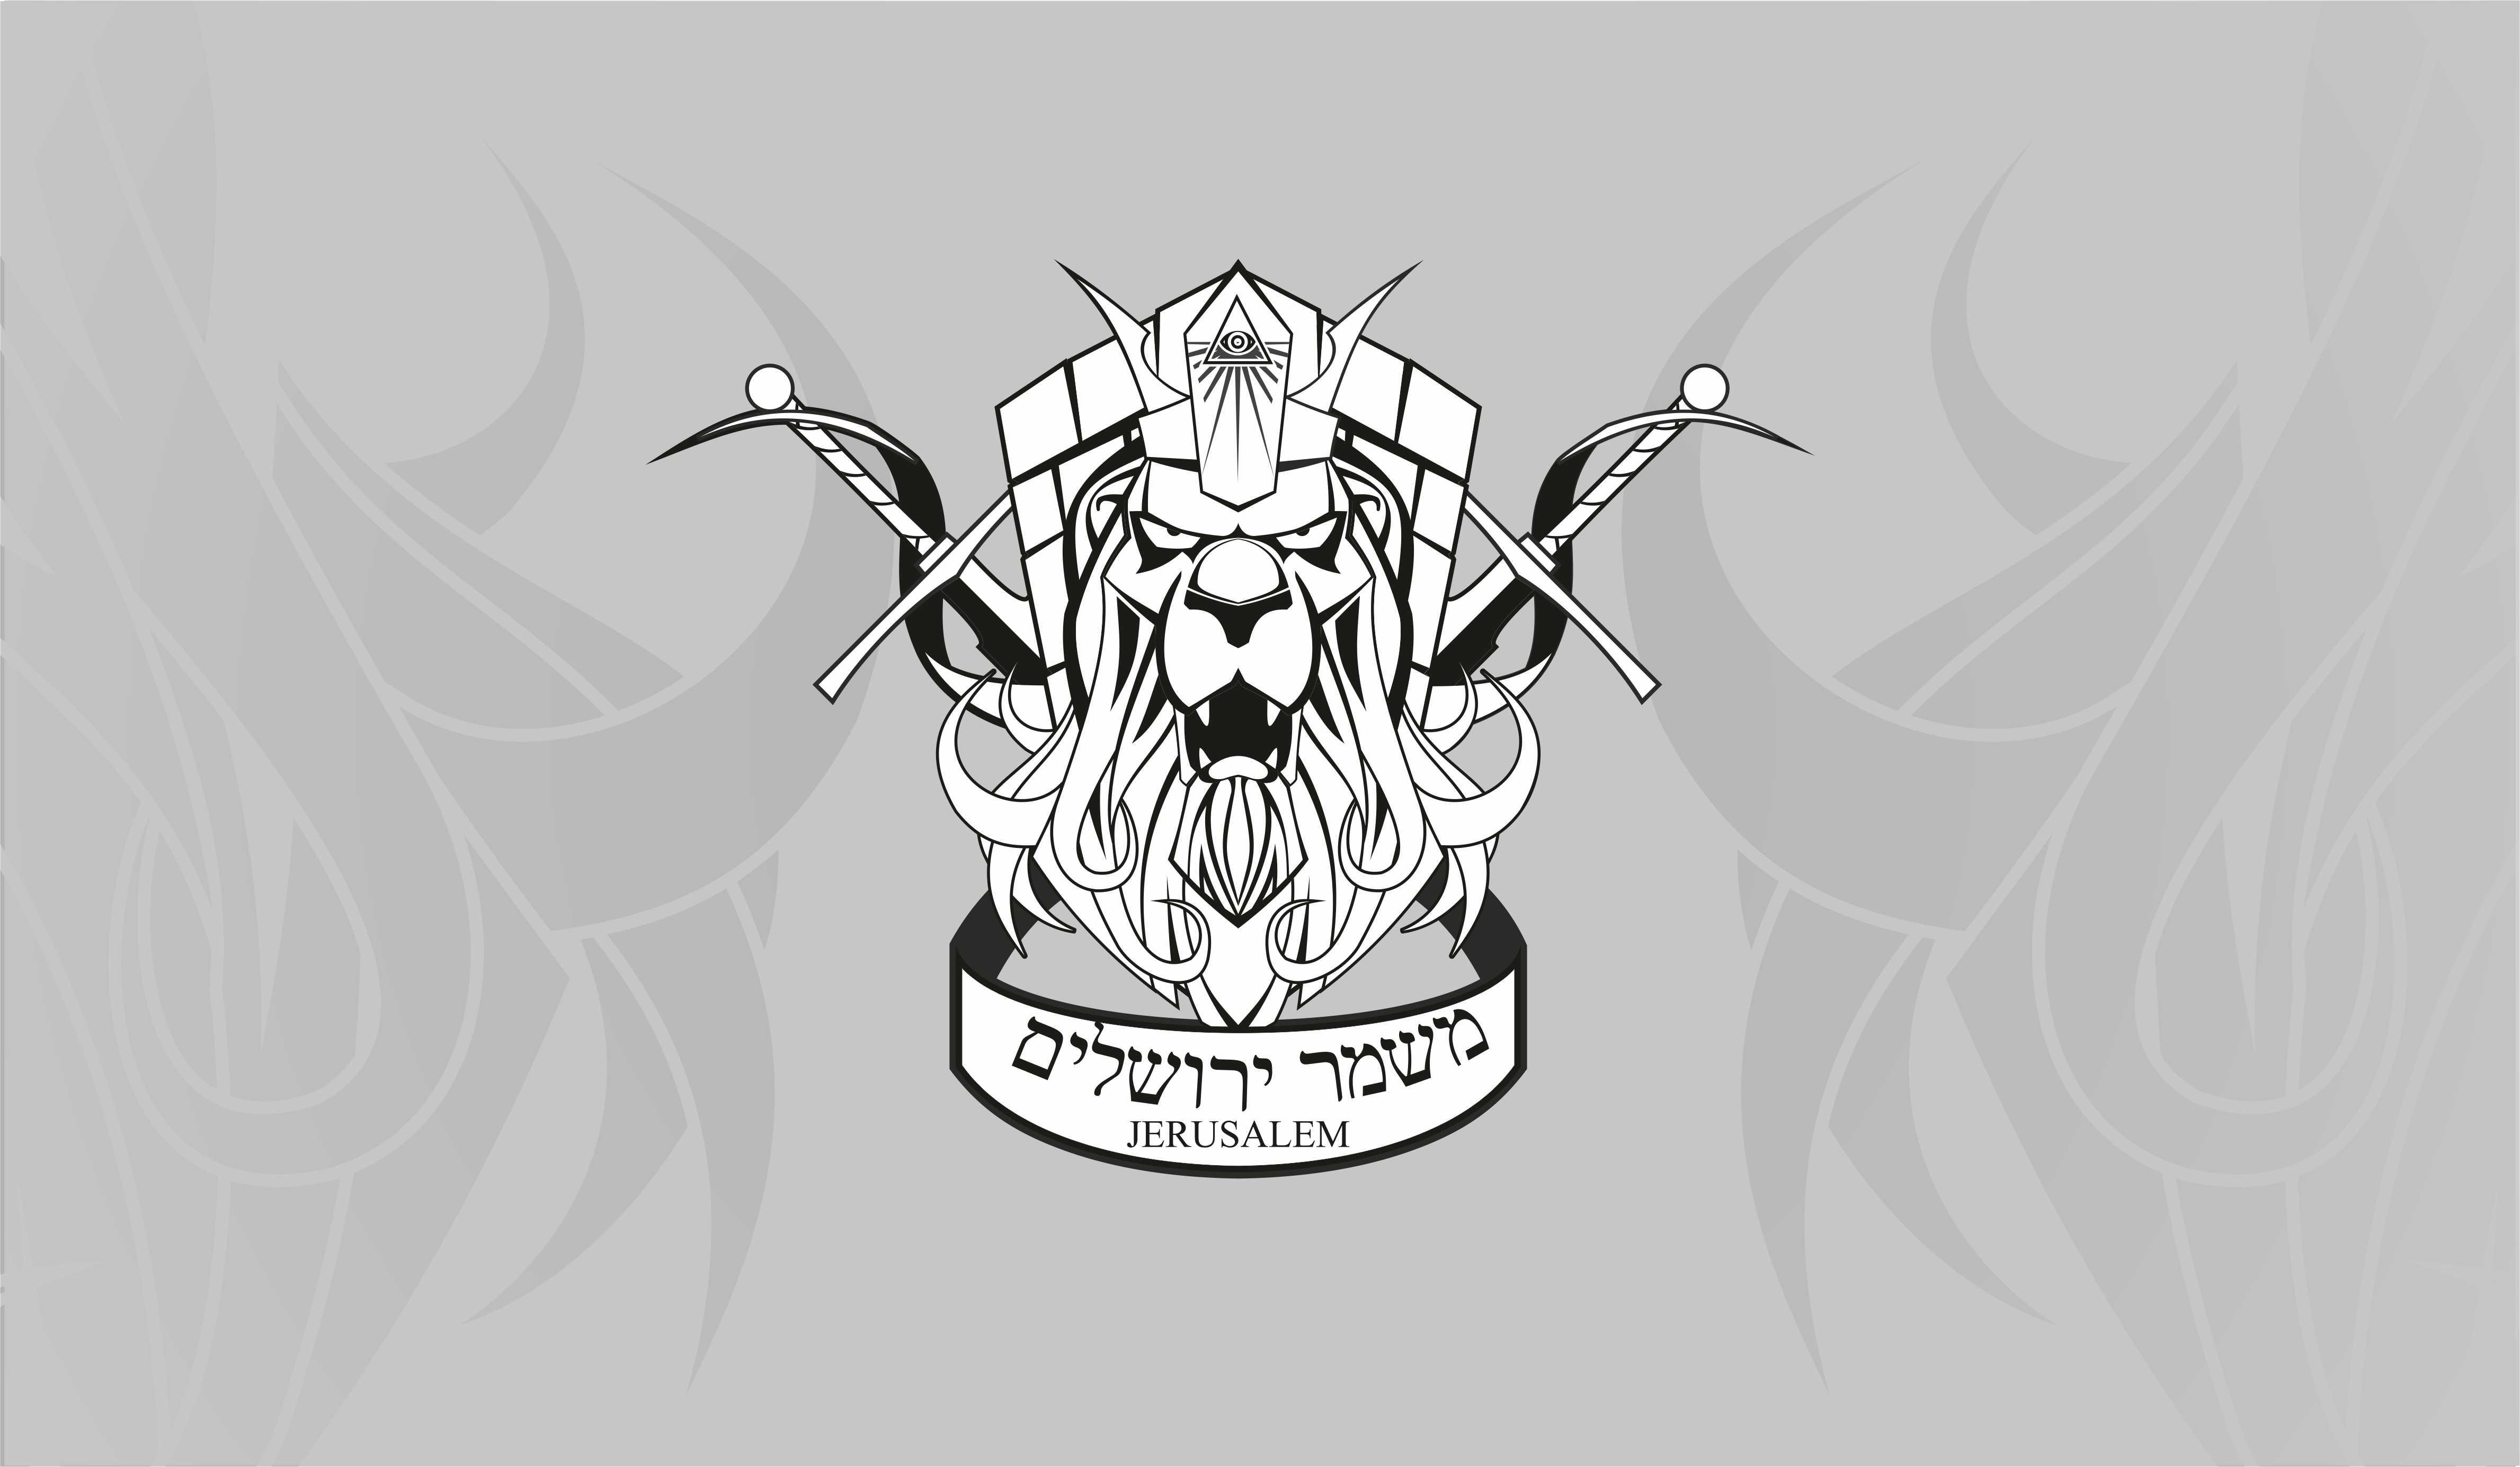 Разработка логотипа. Компания Страж Иерусалима фото f_281520b707bf168a.jpg